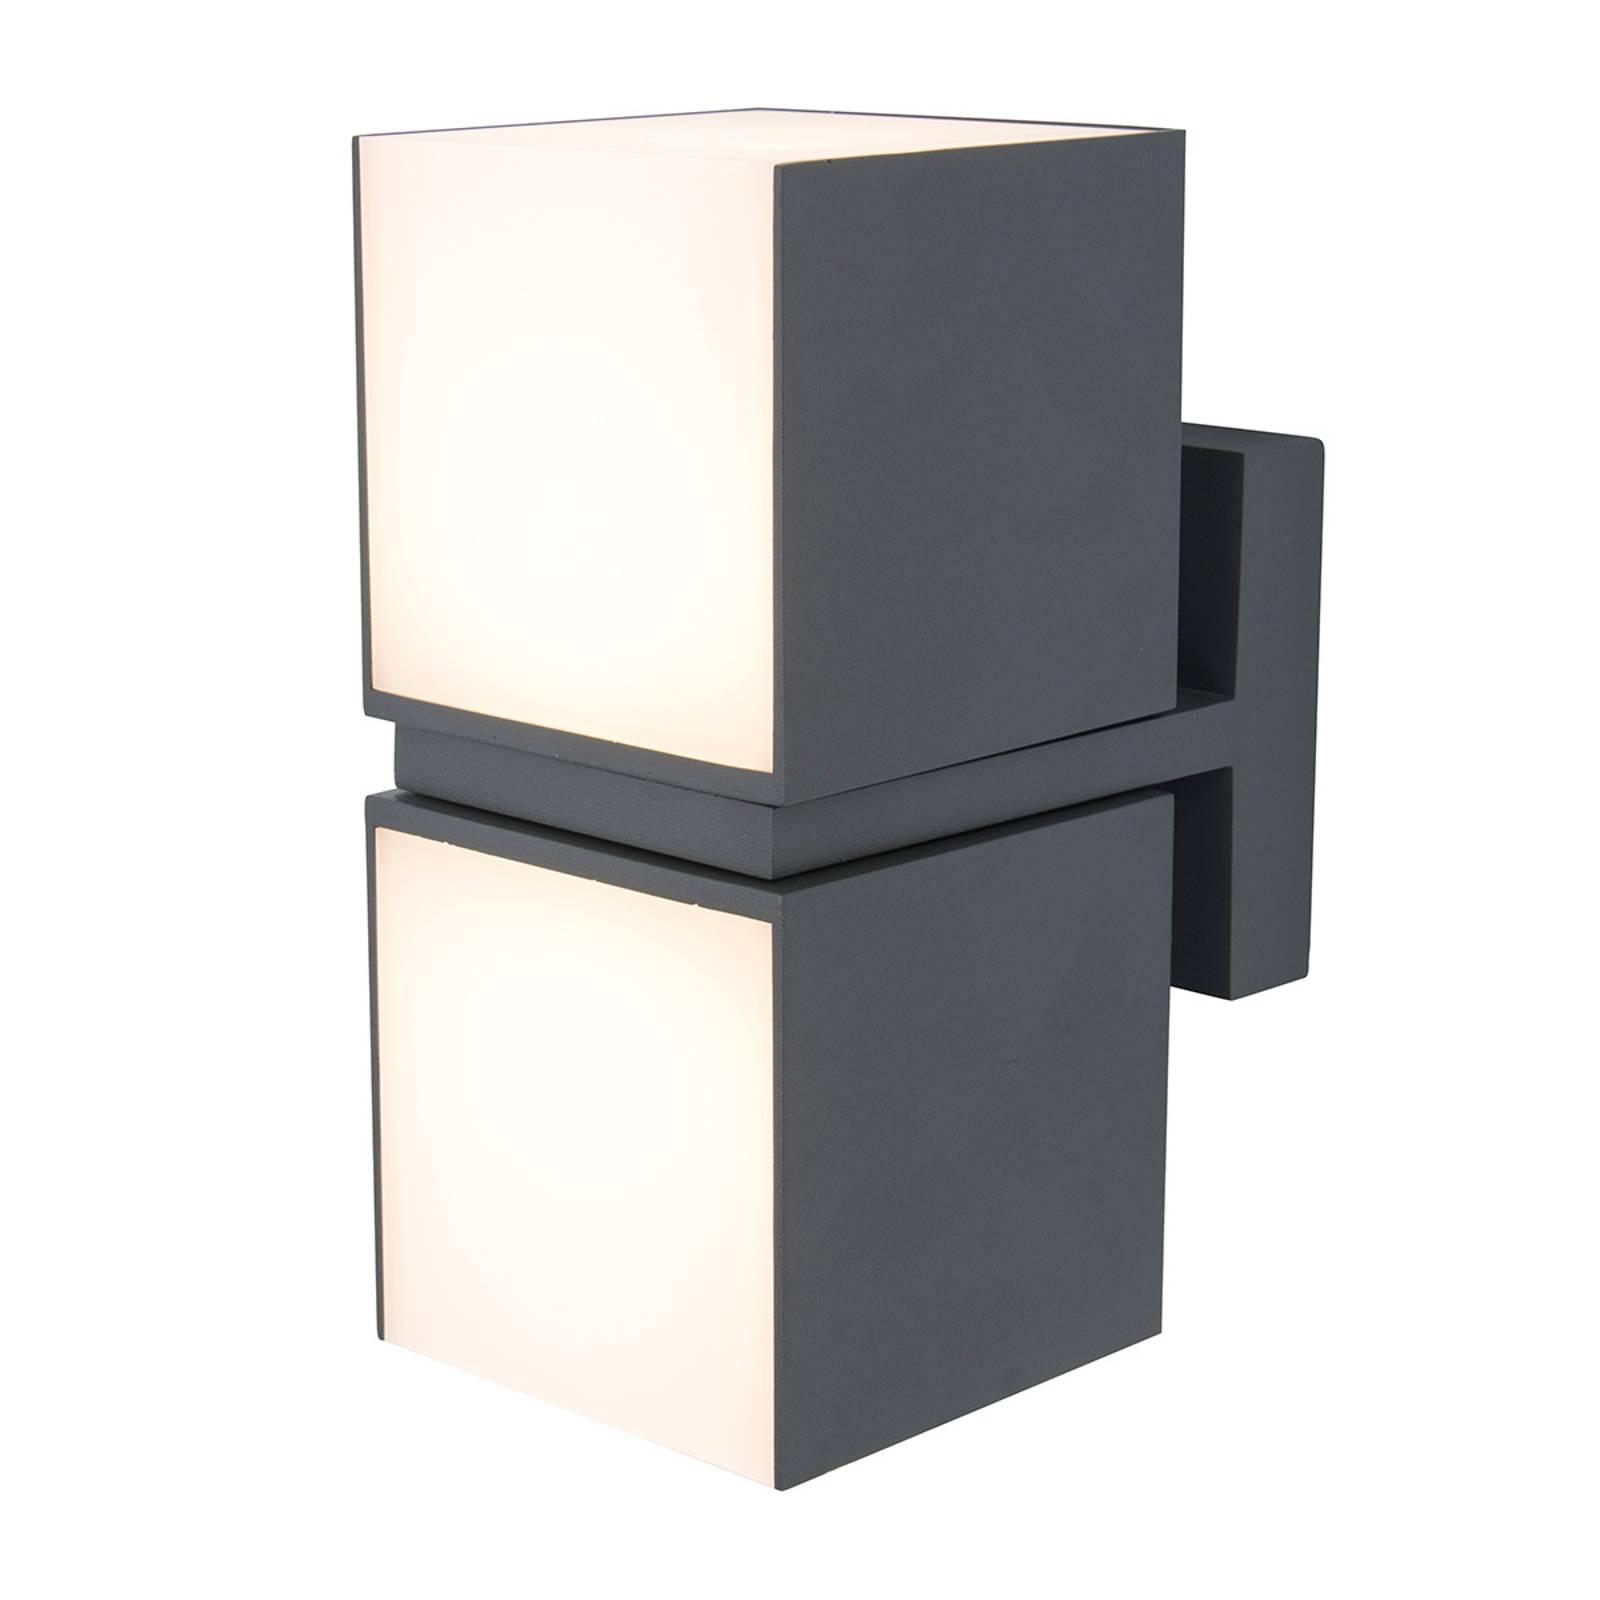 Applique LED Cuba, 2 lampes, têtes pivotantes